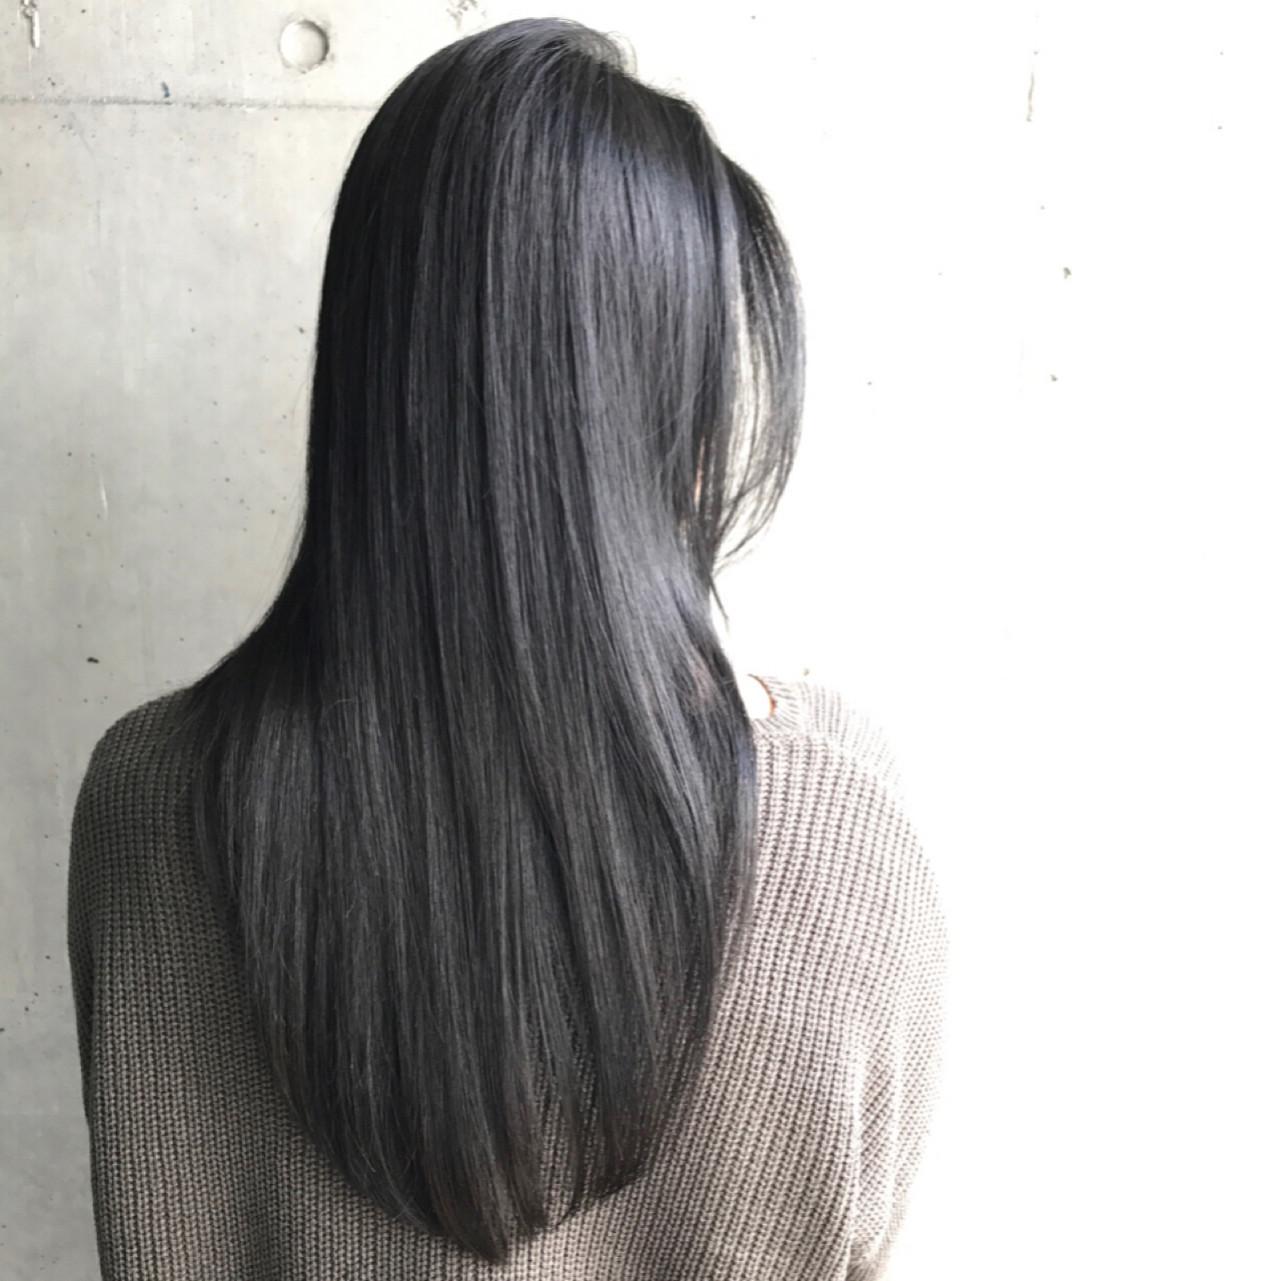 【髪型に迷う女子必見!】流行りの髪型でおしゃれ女子に変身♡の13枚目の画像